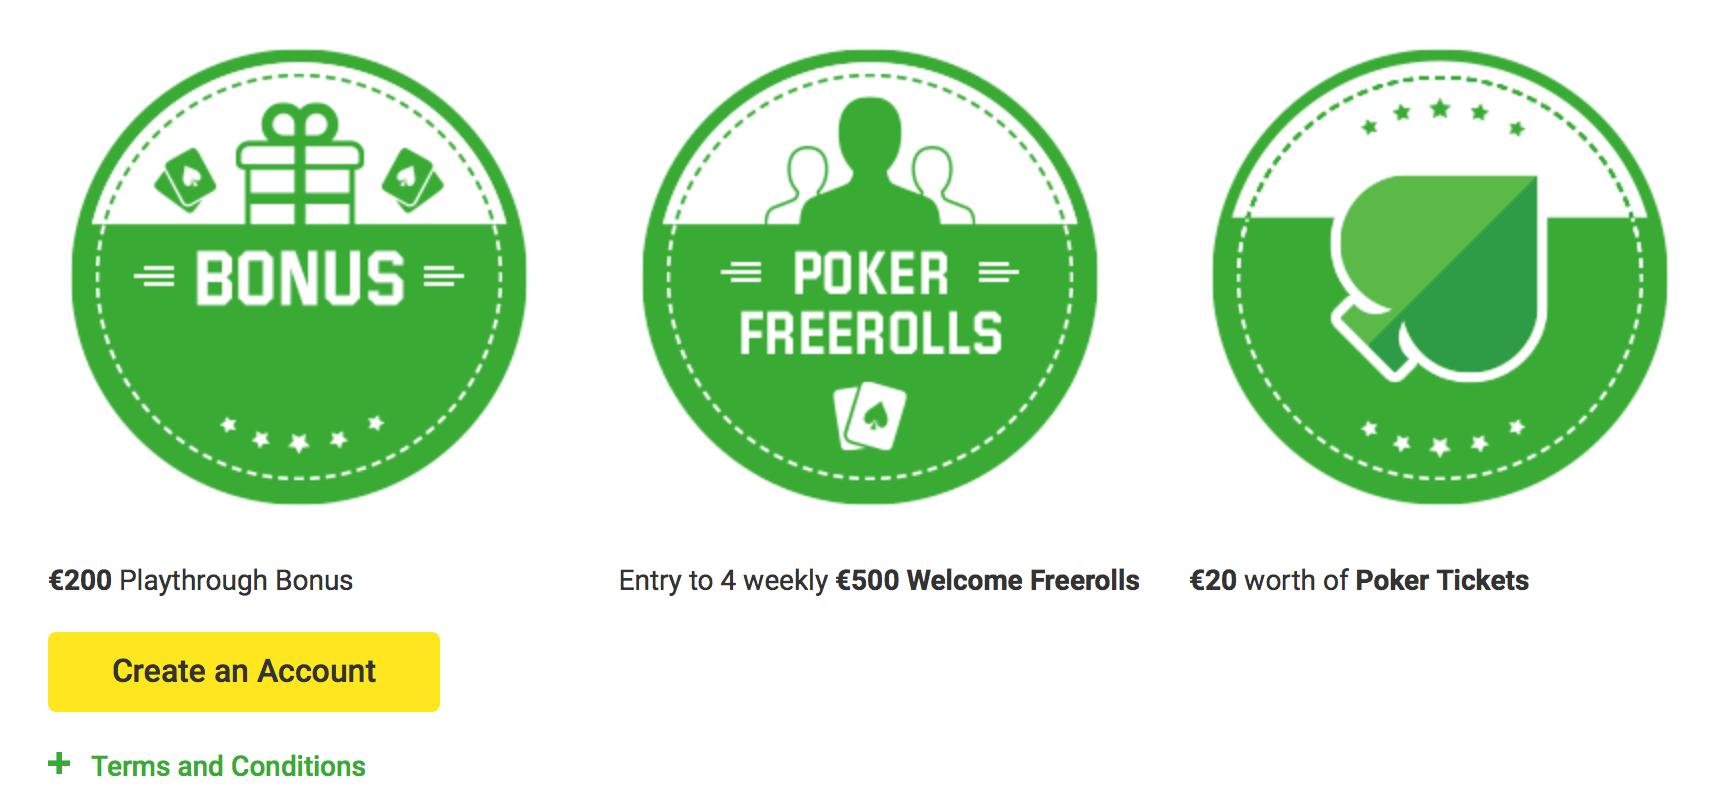 ★ Grab a C$200 First Deposit Bonus on Poker at Unibet